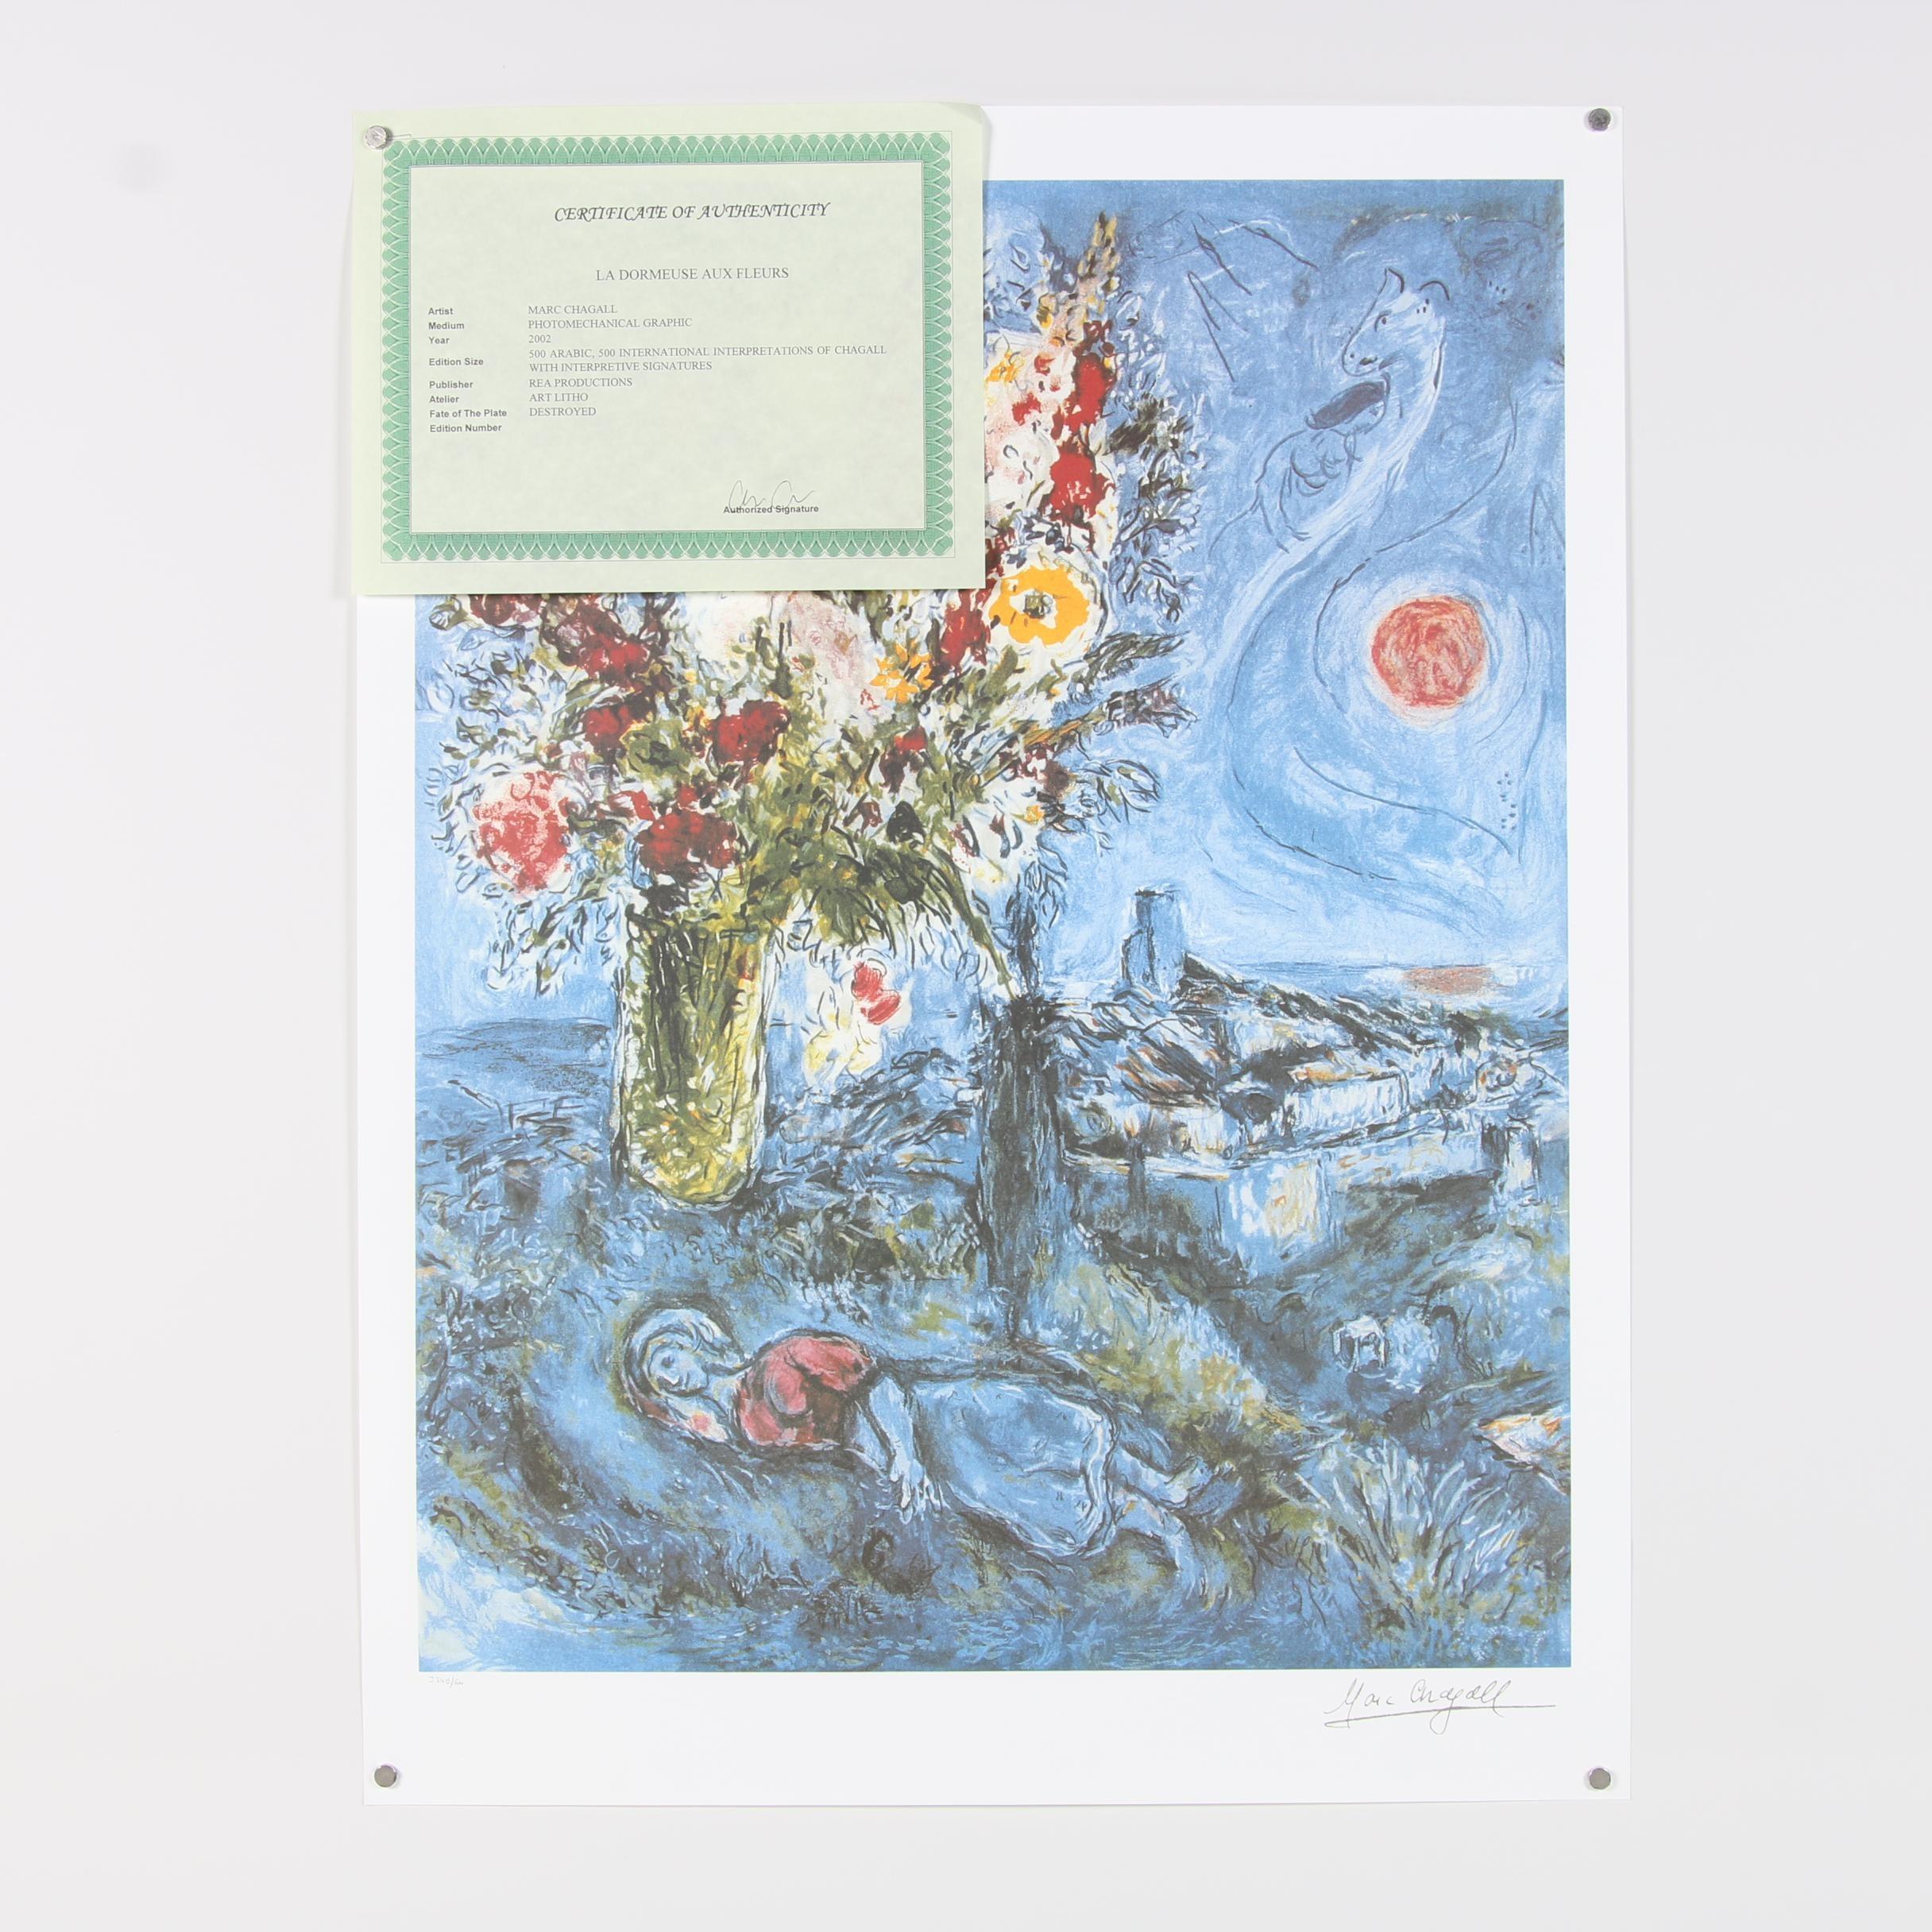 """2002 Offset Lithograph after Marc Chagall """"La Dormeuse Aux Fleurs"""""""